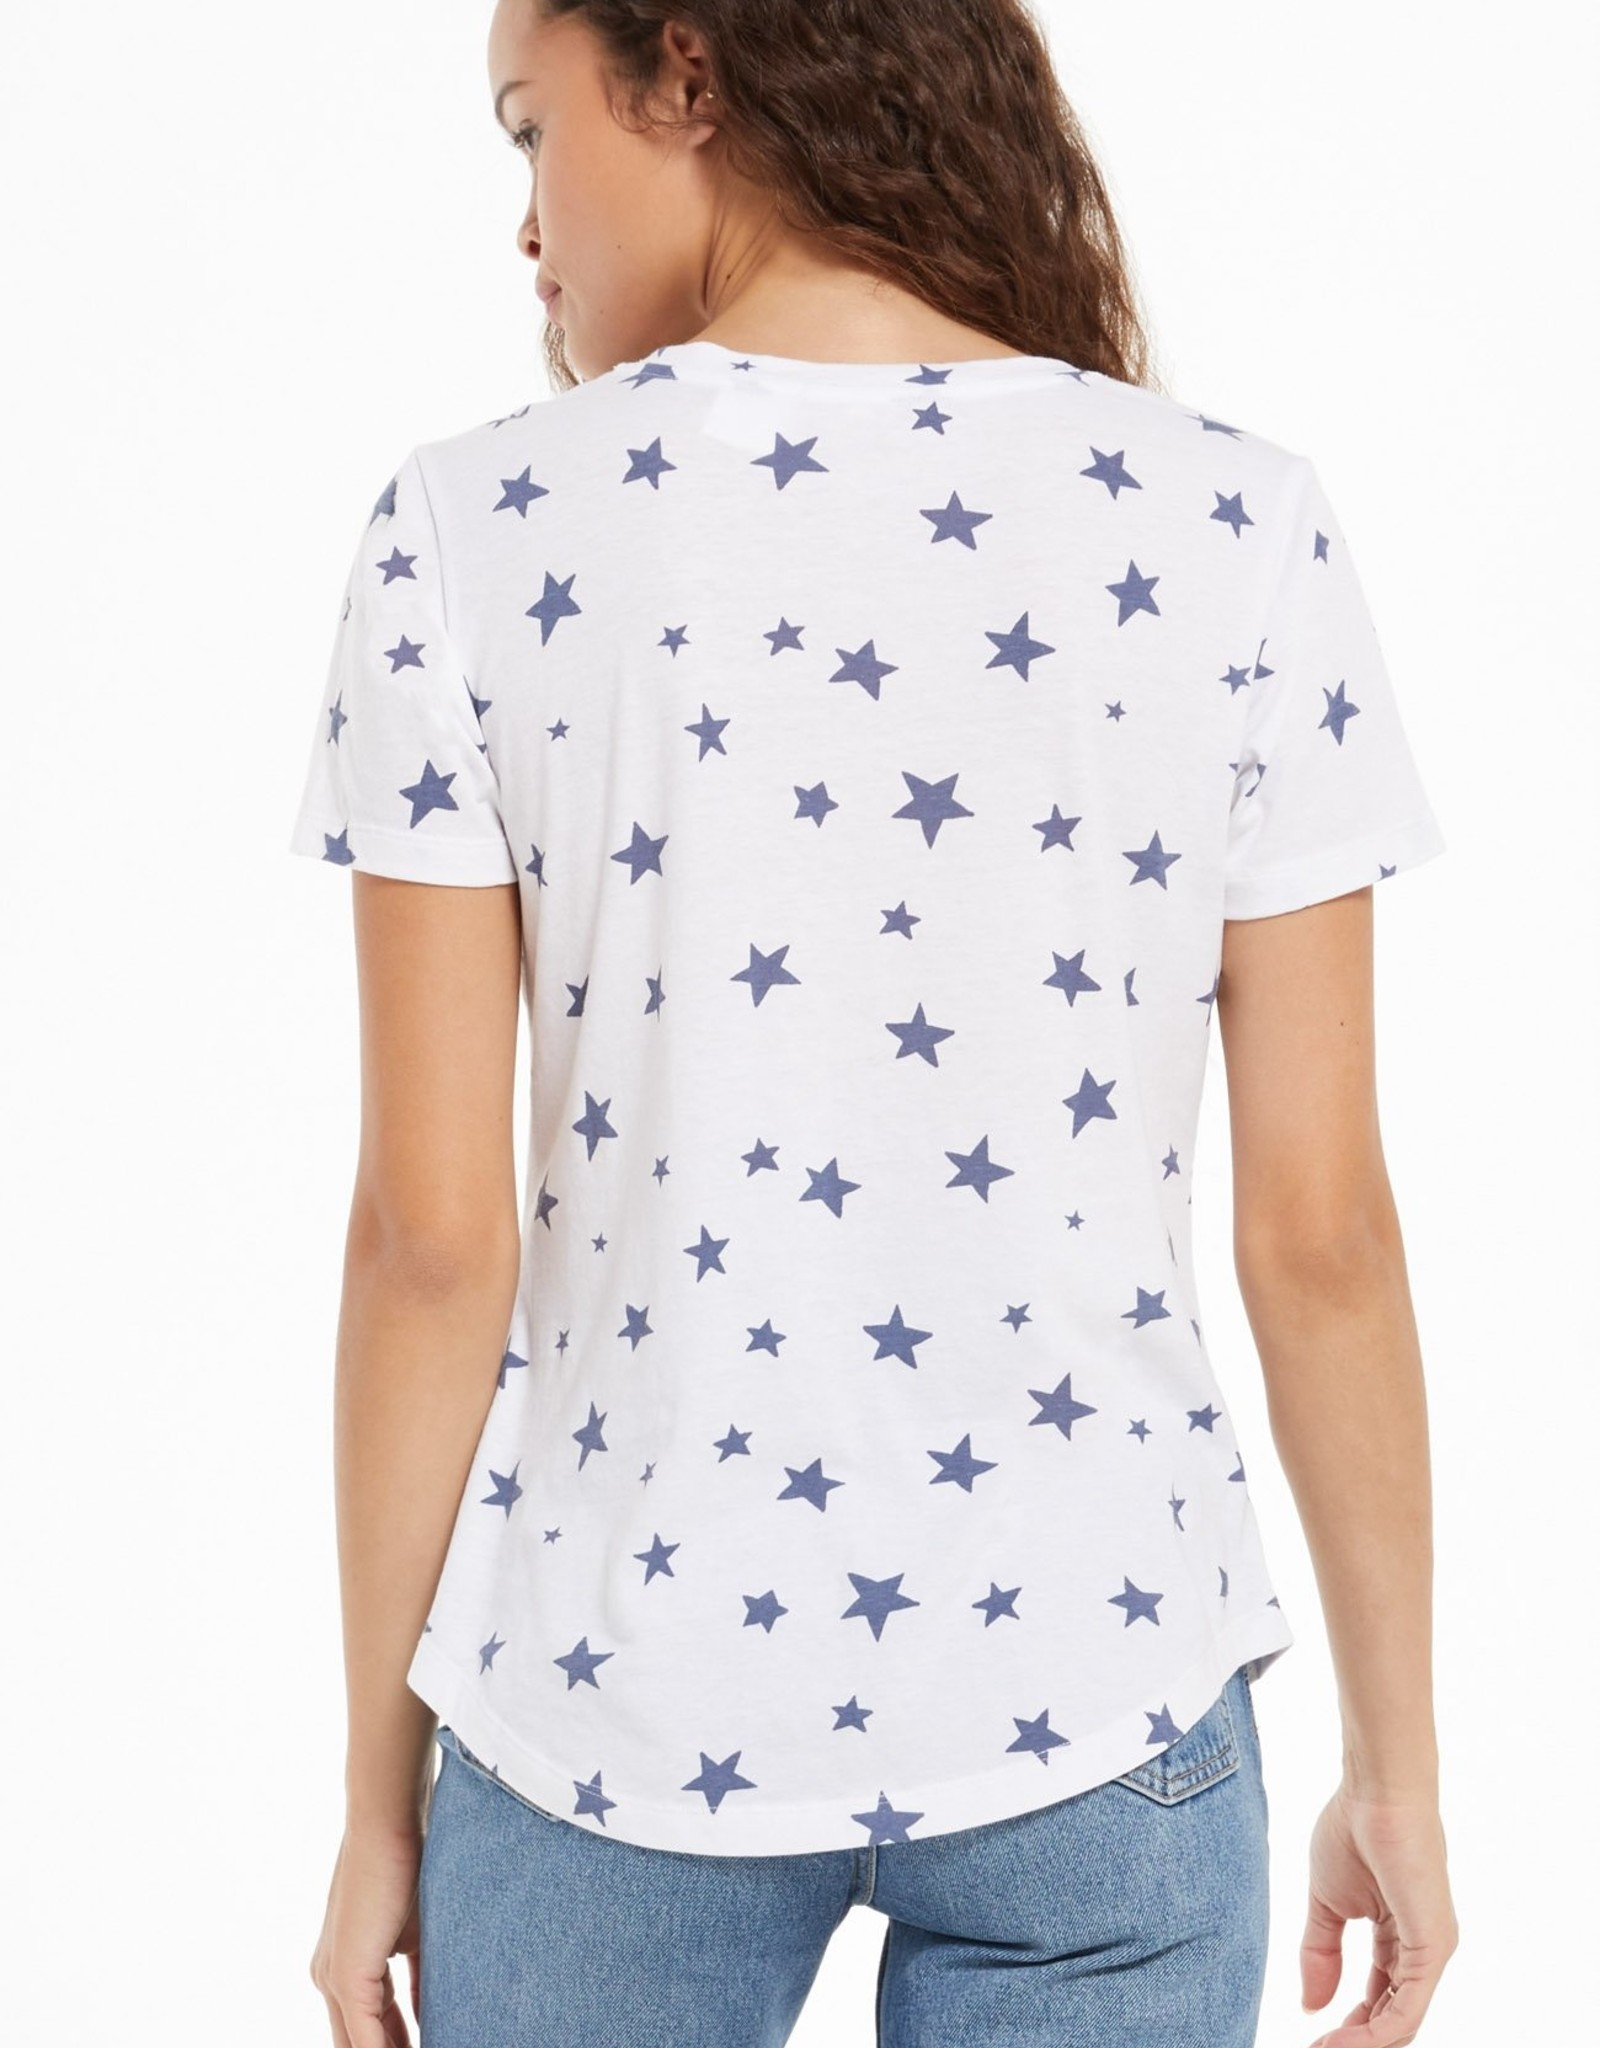 Z Supply Easy Star V-Neck